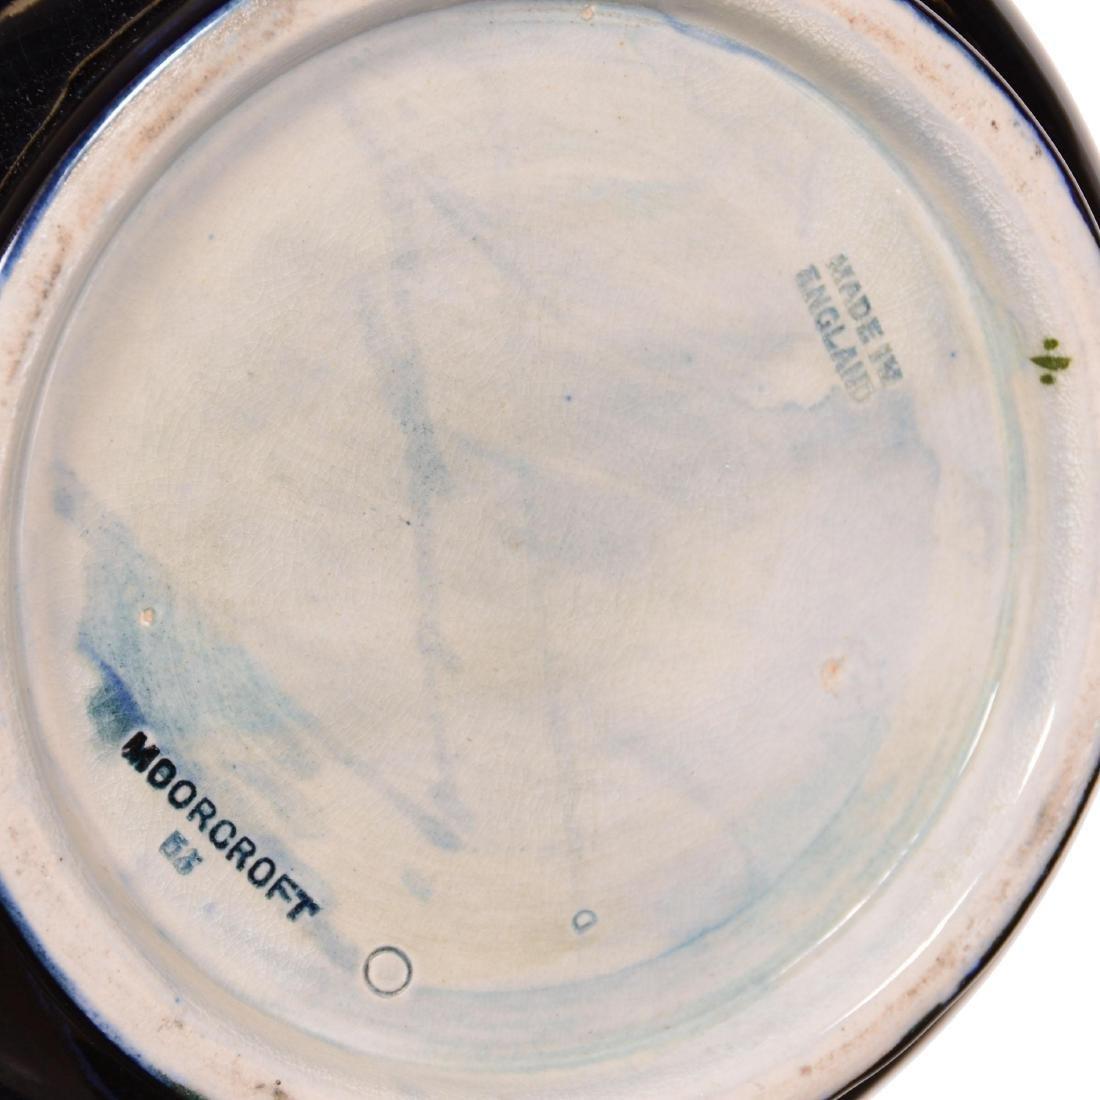 Moorcroft Art Pottery Vase - 2